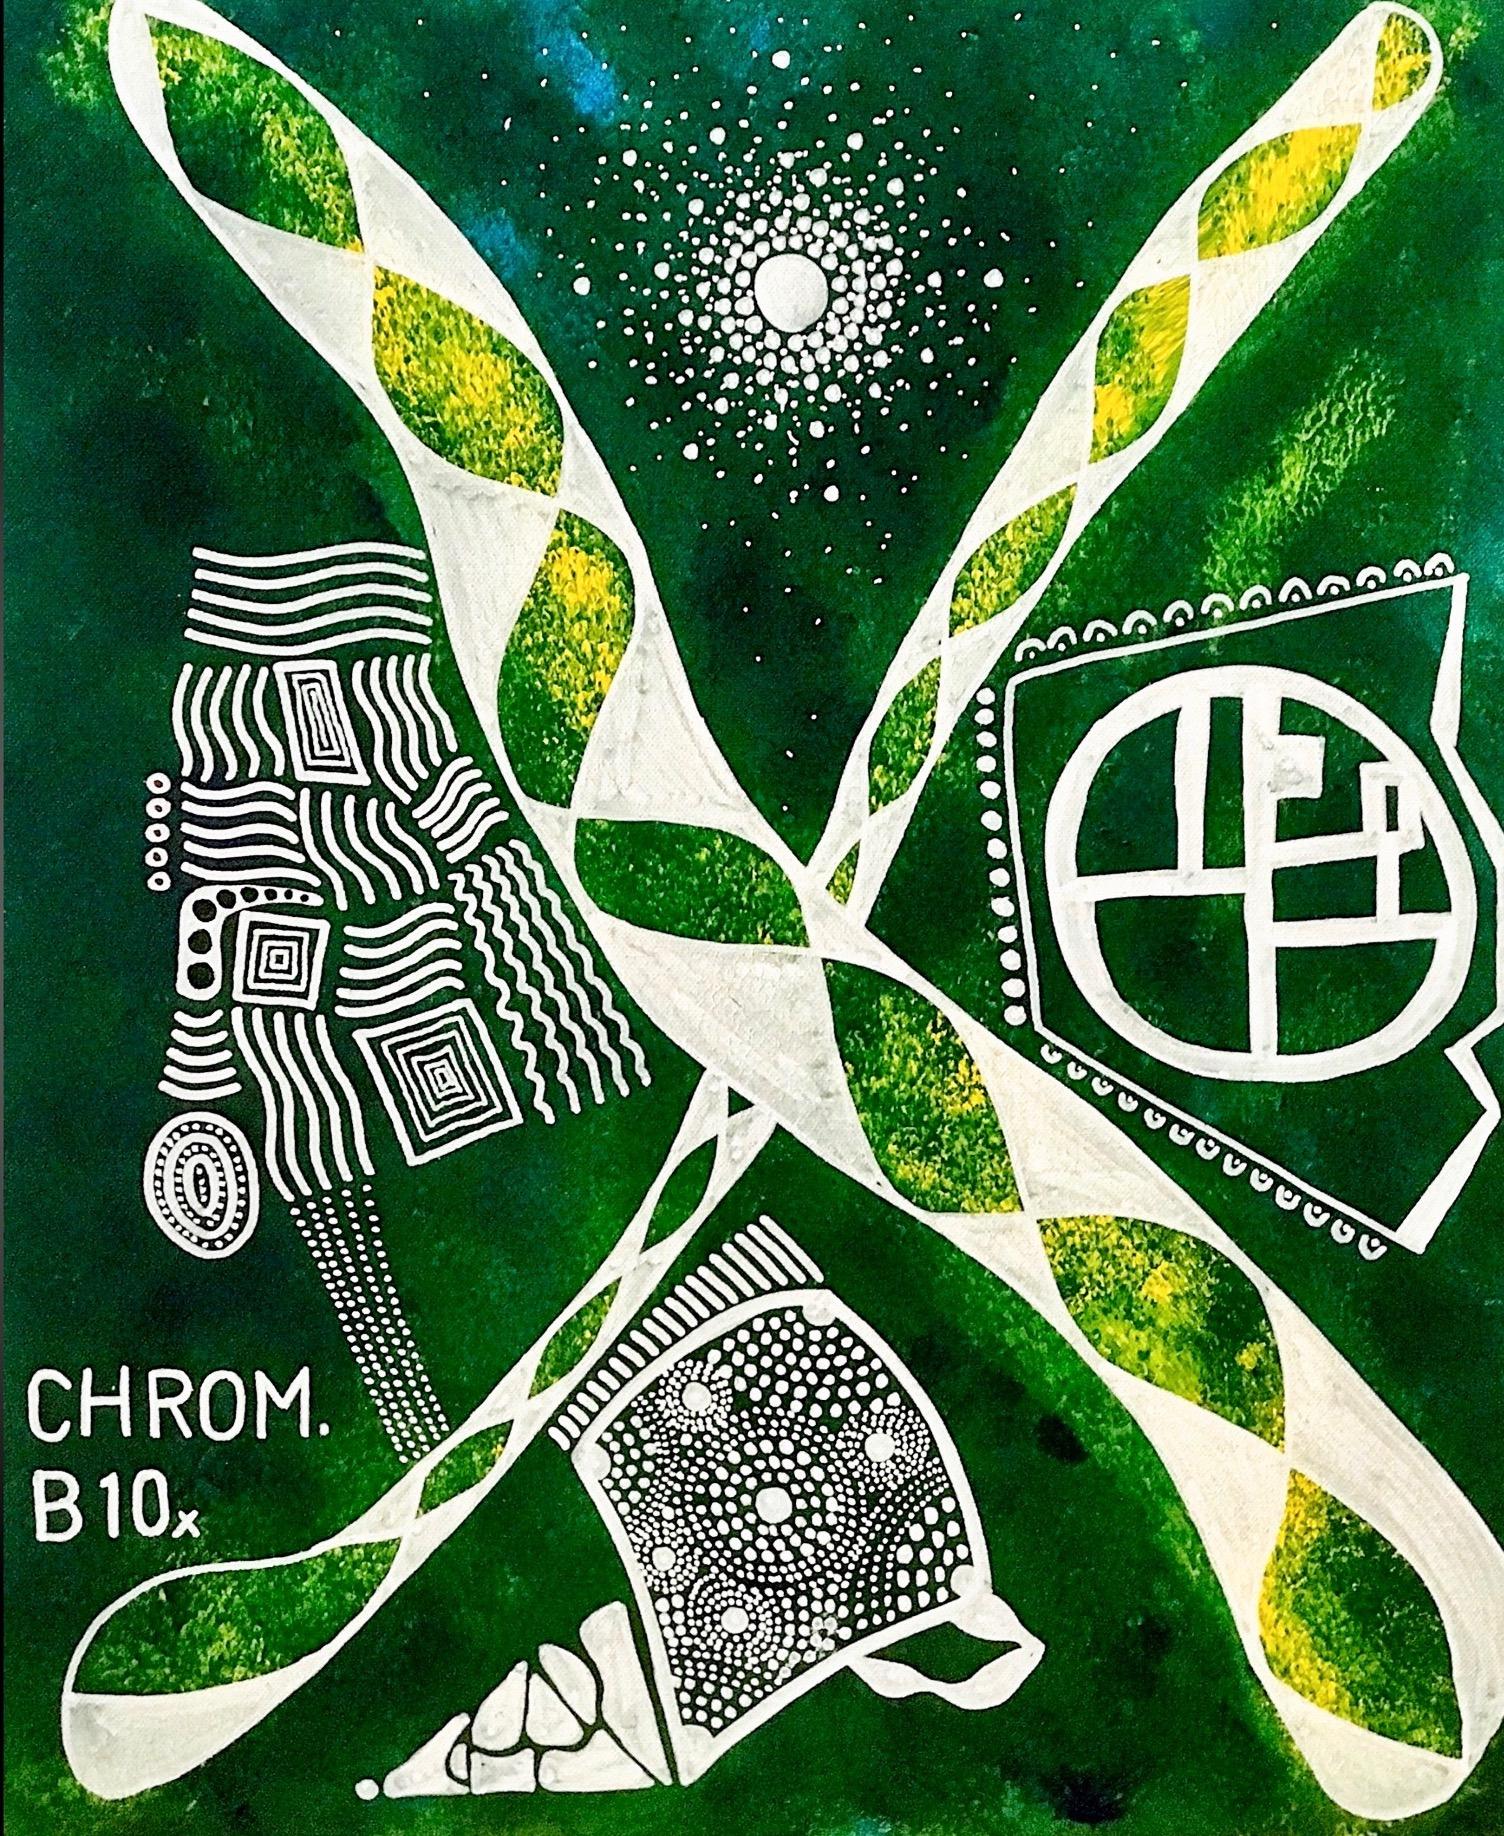 Chrom B10x